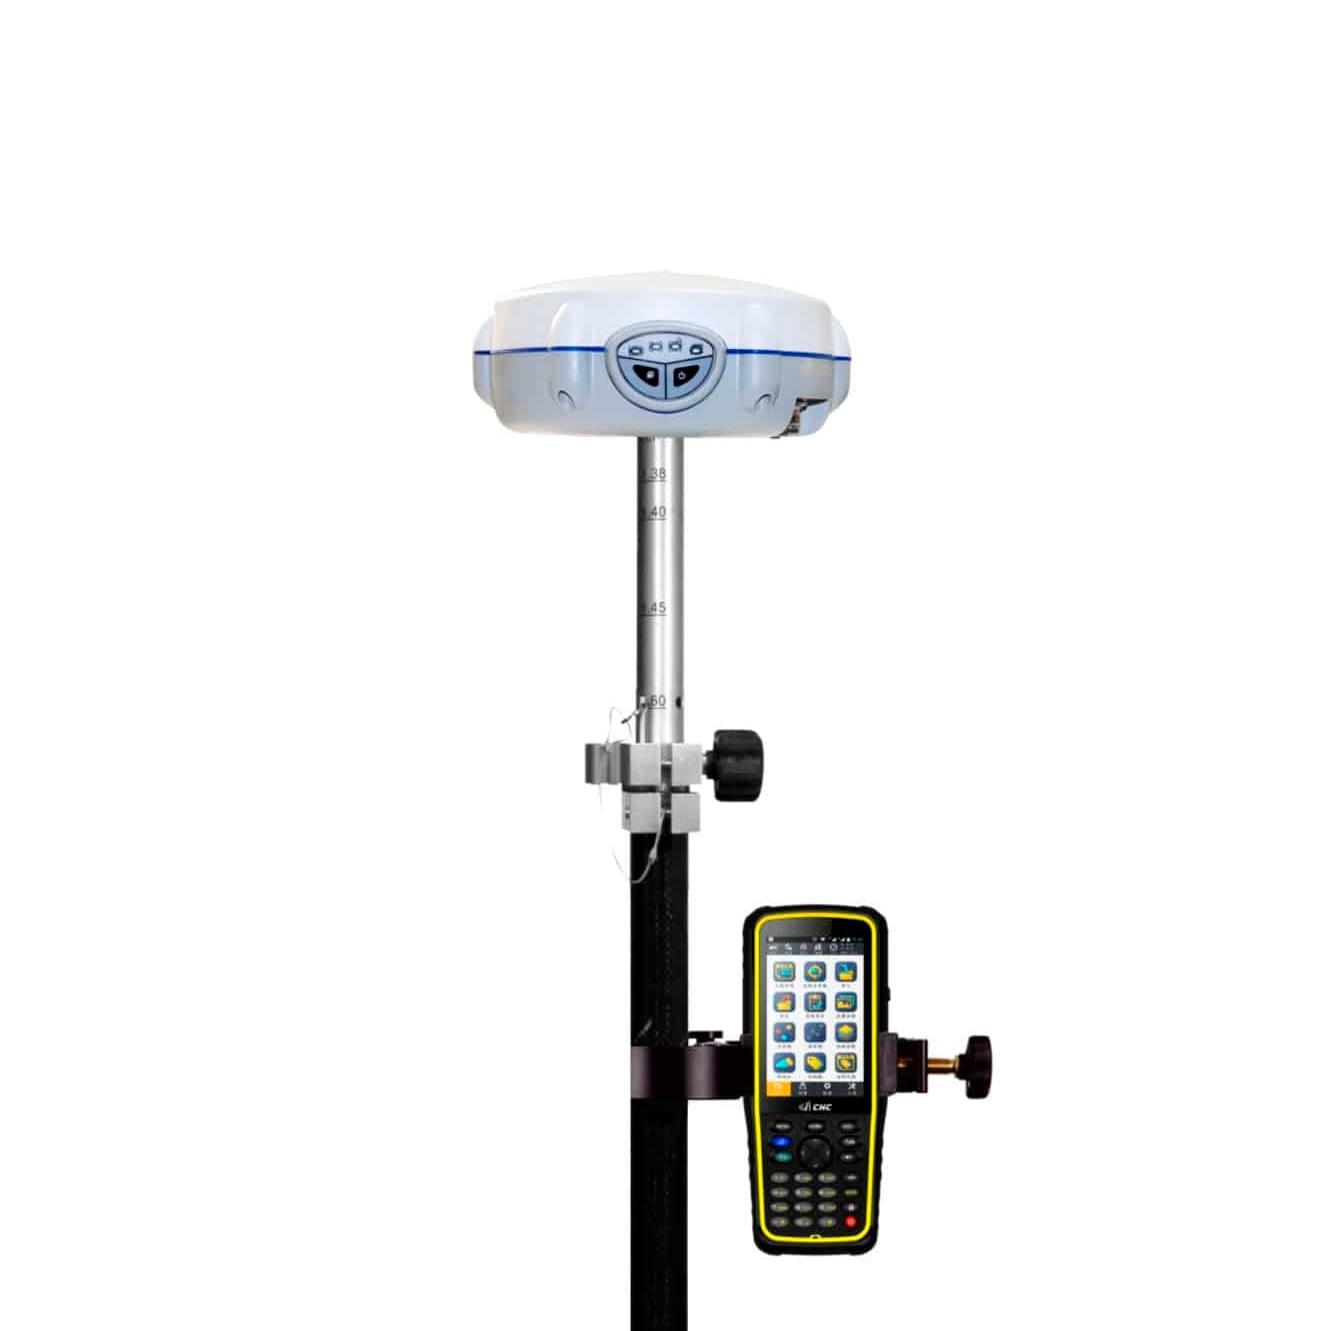 MÁY ĐỊNH VỊ GPS 2 TẦN CHC M5+